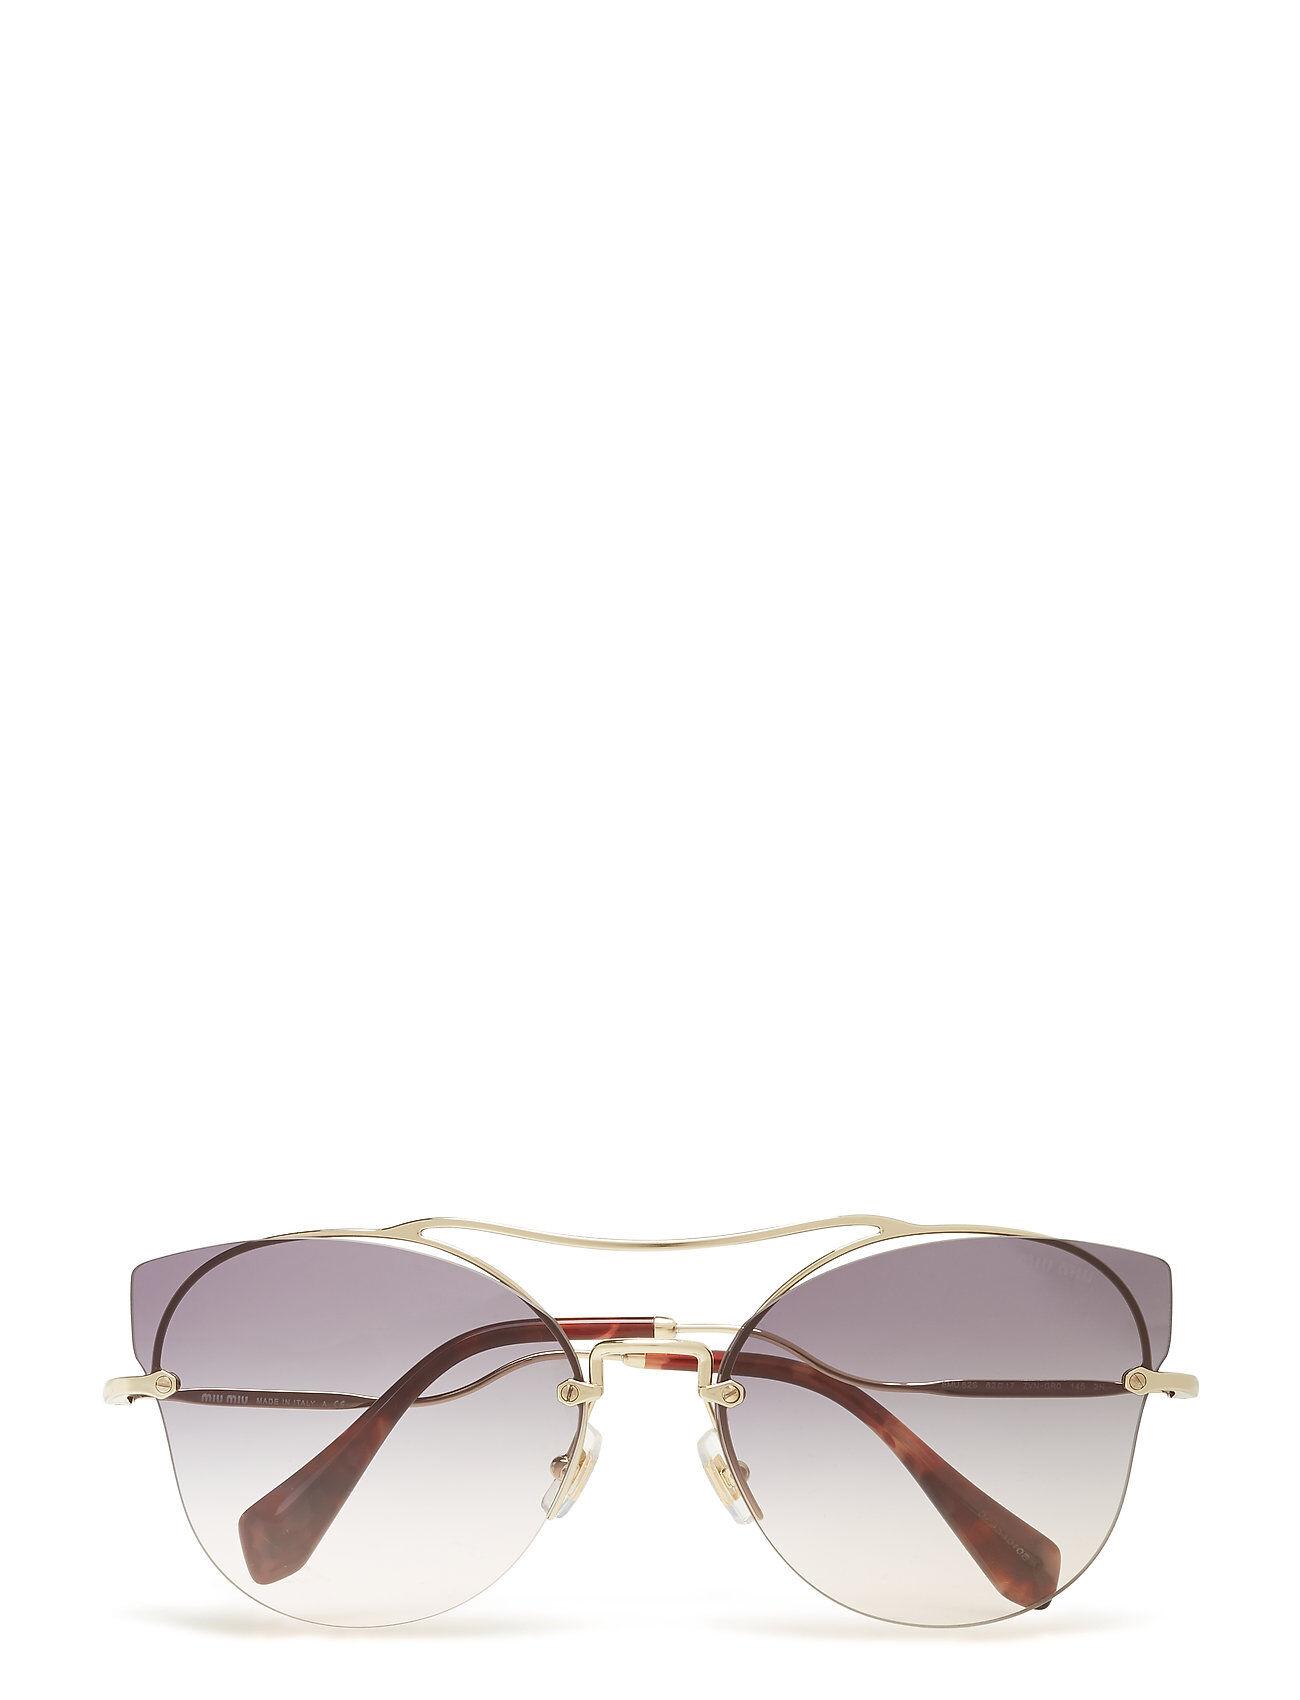 Miu Miu Sunglasses 0mu 52ss